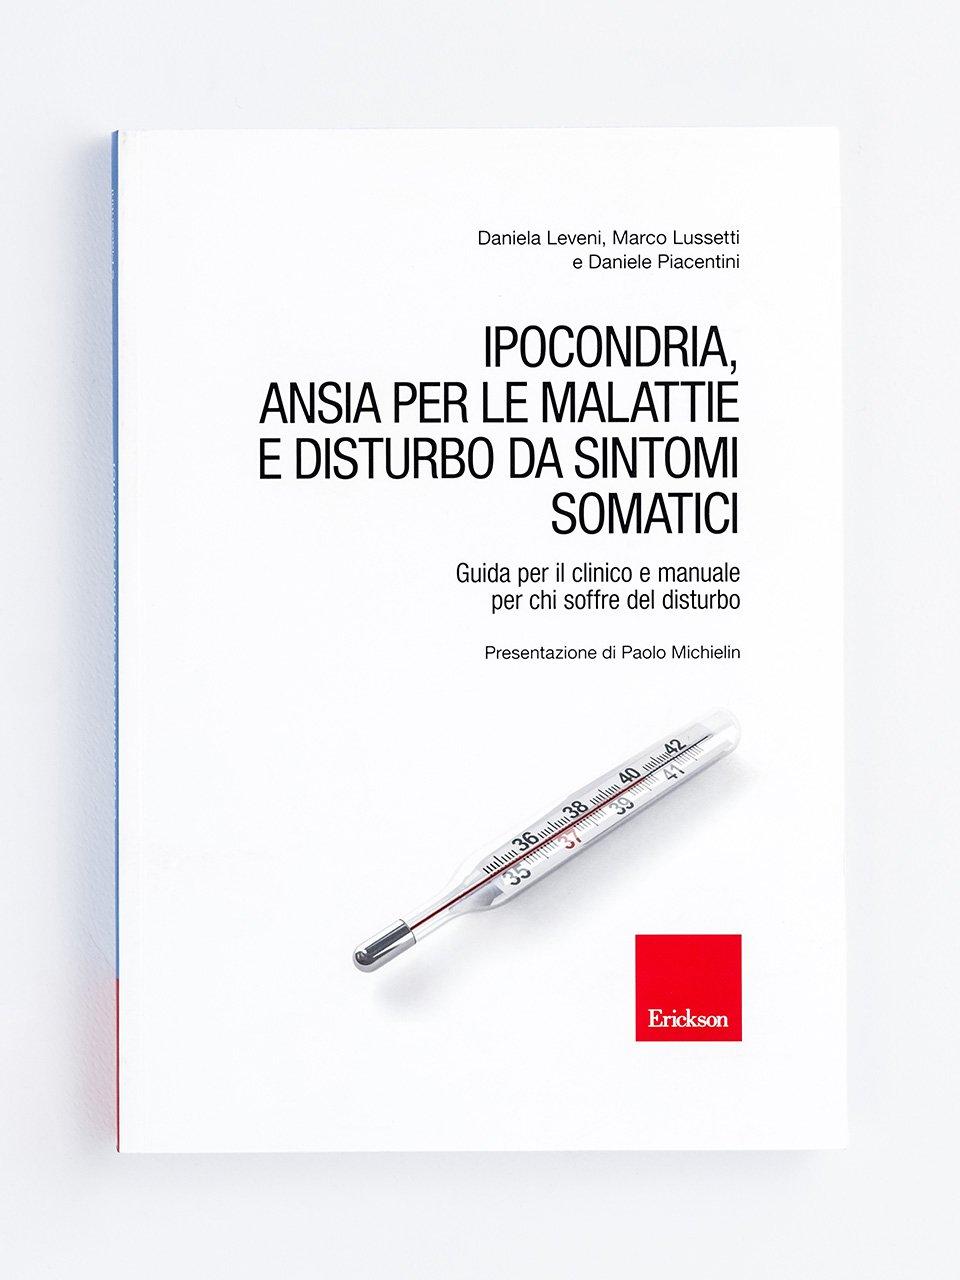 Ipocondria, Ansia per le malattie e Disturbo da sintomi somatici - Affrontare l'ipocondria - Erickson